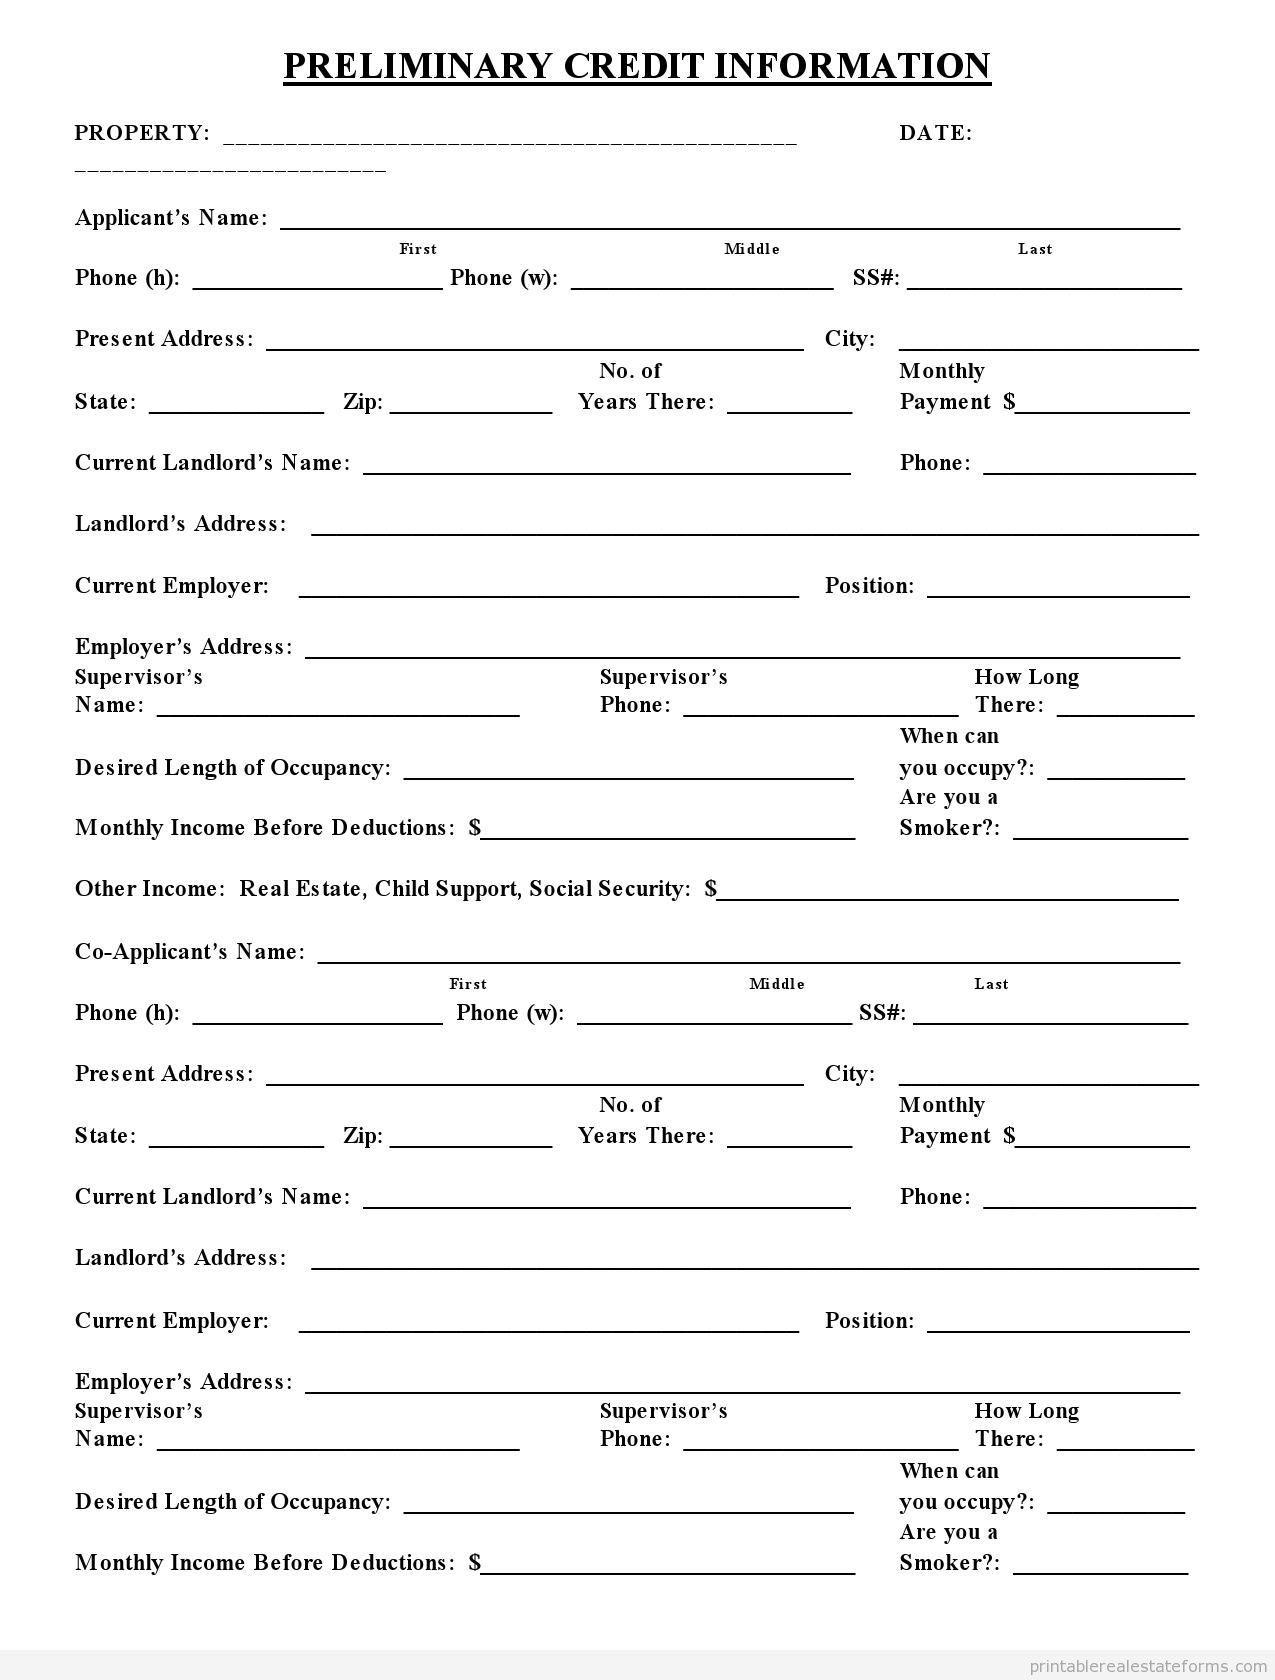 image regarding Printable Credit Application Form named Pattern Printable original credit history software program 3 Sort